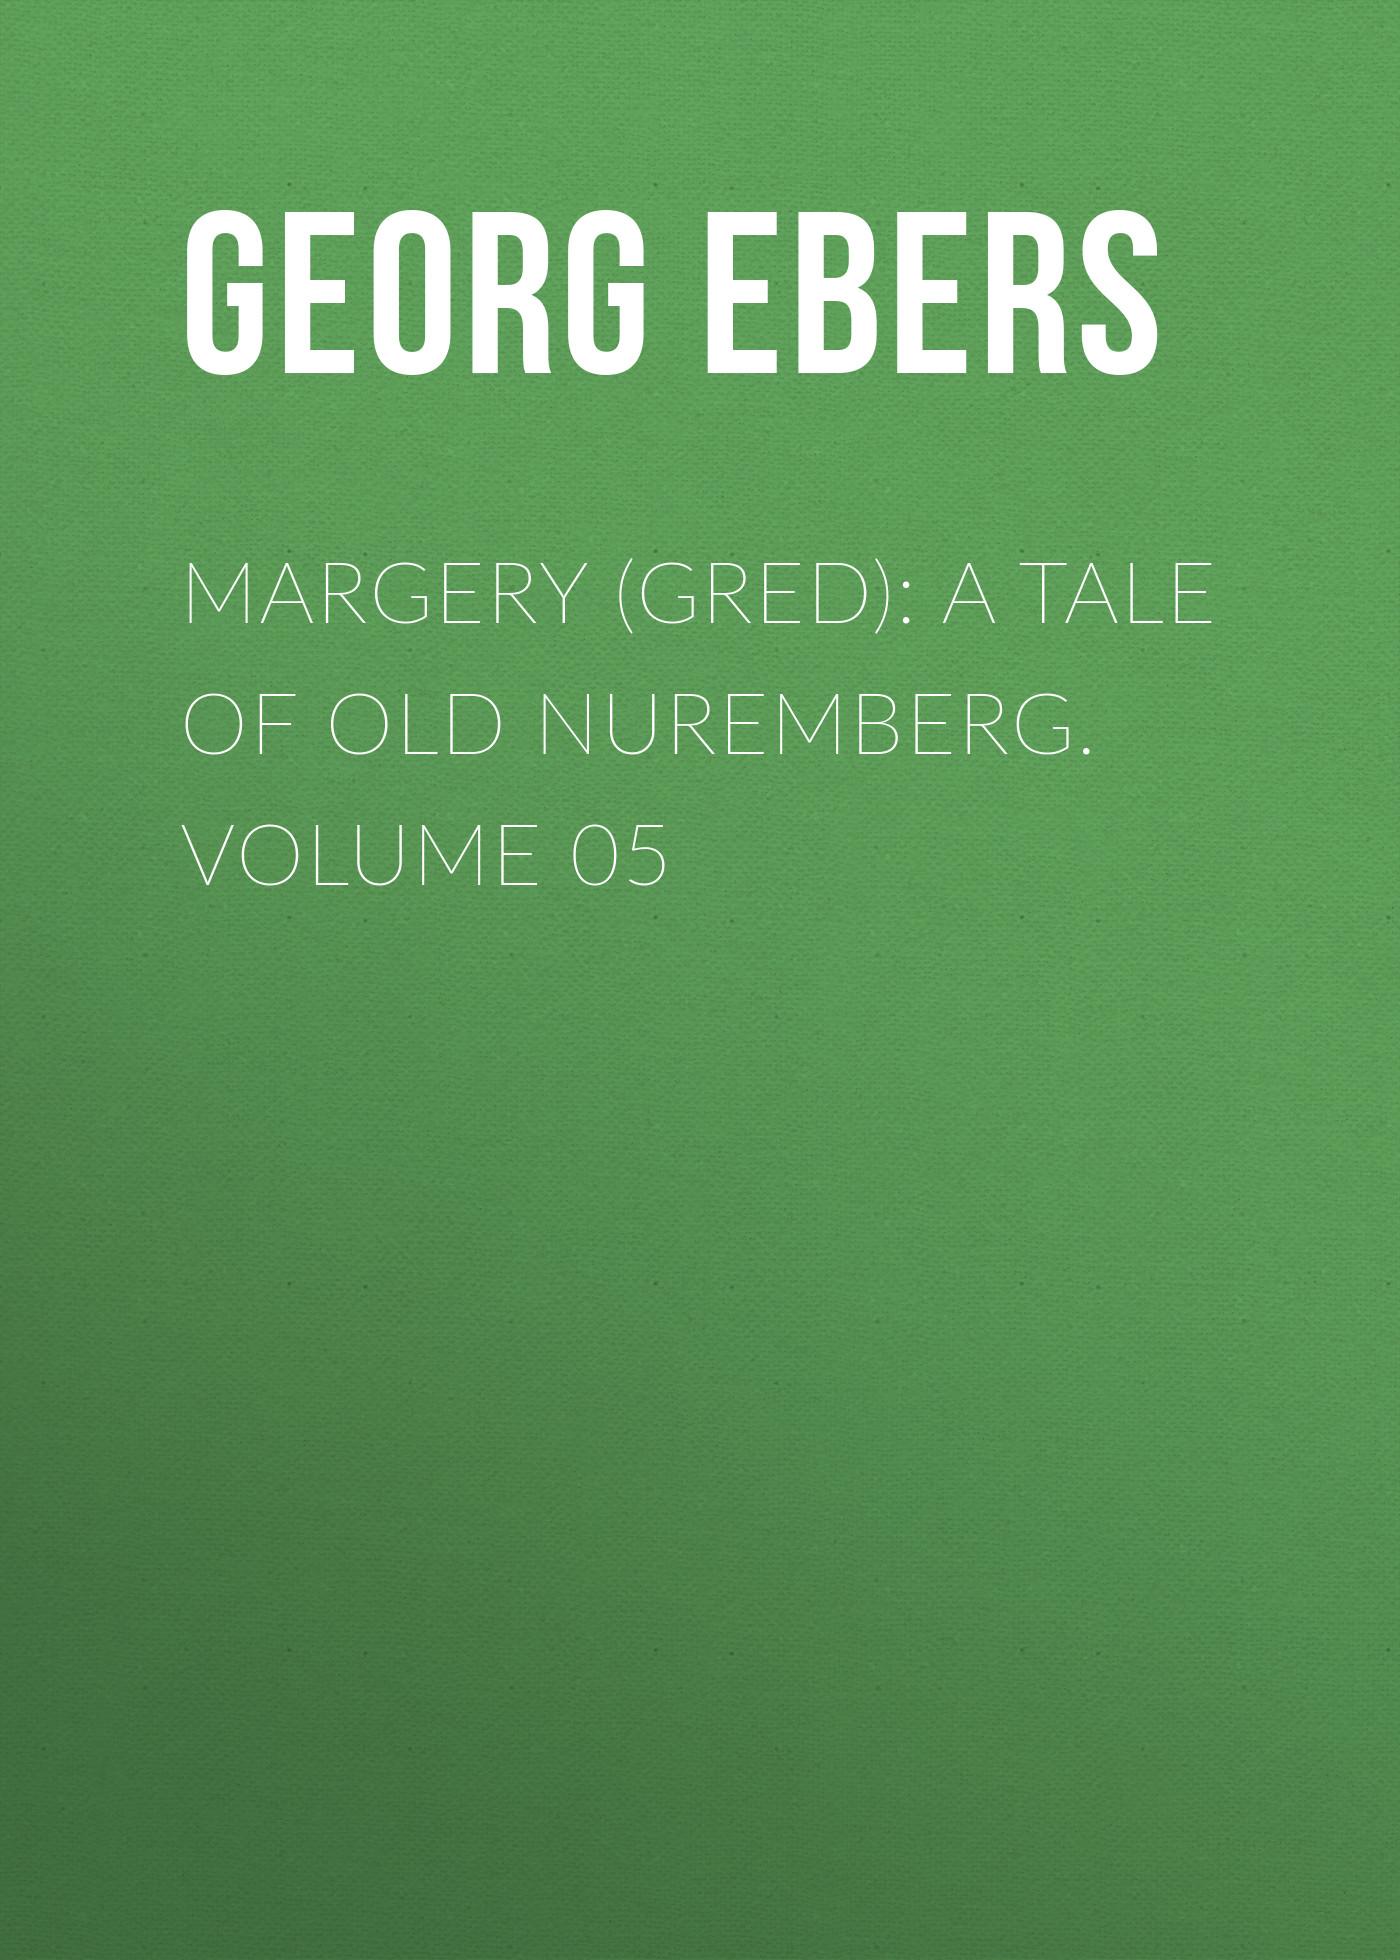 Georg Ebers Margery (Gred): A Tale Of Old Nuremberg. Volume 05 georg ebers homo sum volume 02